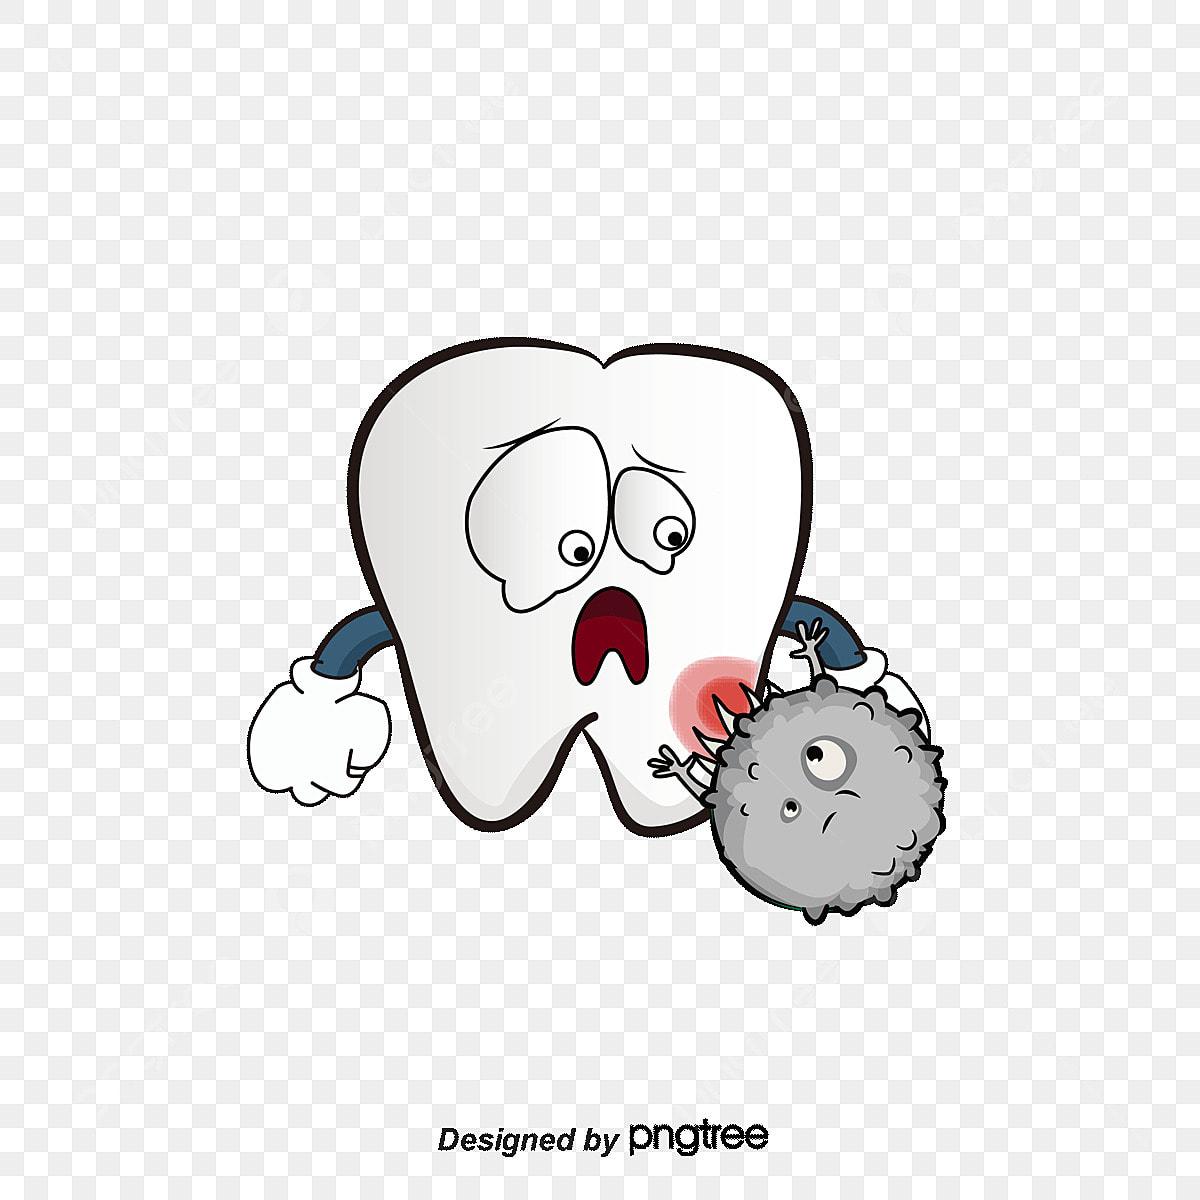 المبدع التسوس الأسنان ناقلات الأسنان سن Png وملف Psd للتحميل مجانا